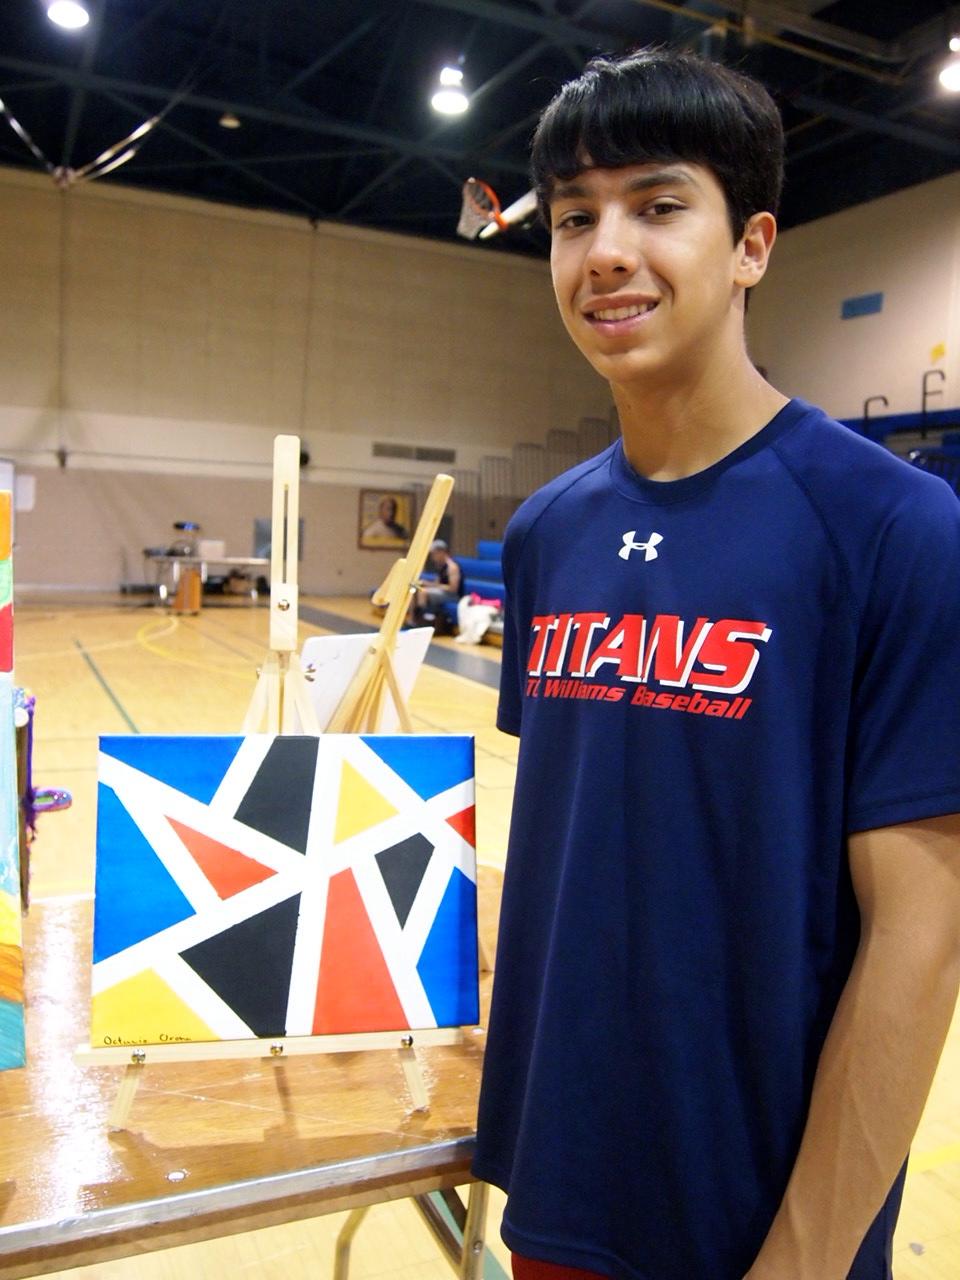 Alexandria Youth Arts Festival